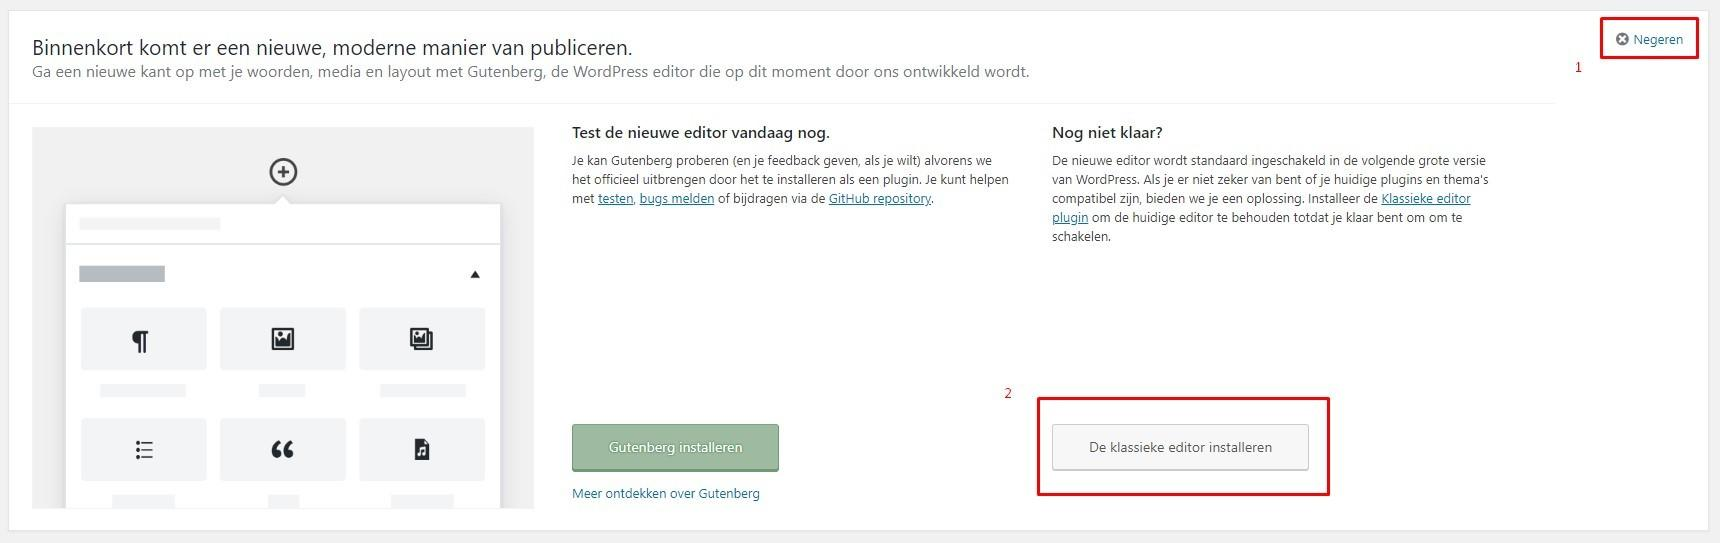 Opties voor Gutenberg melding | New Fountain